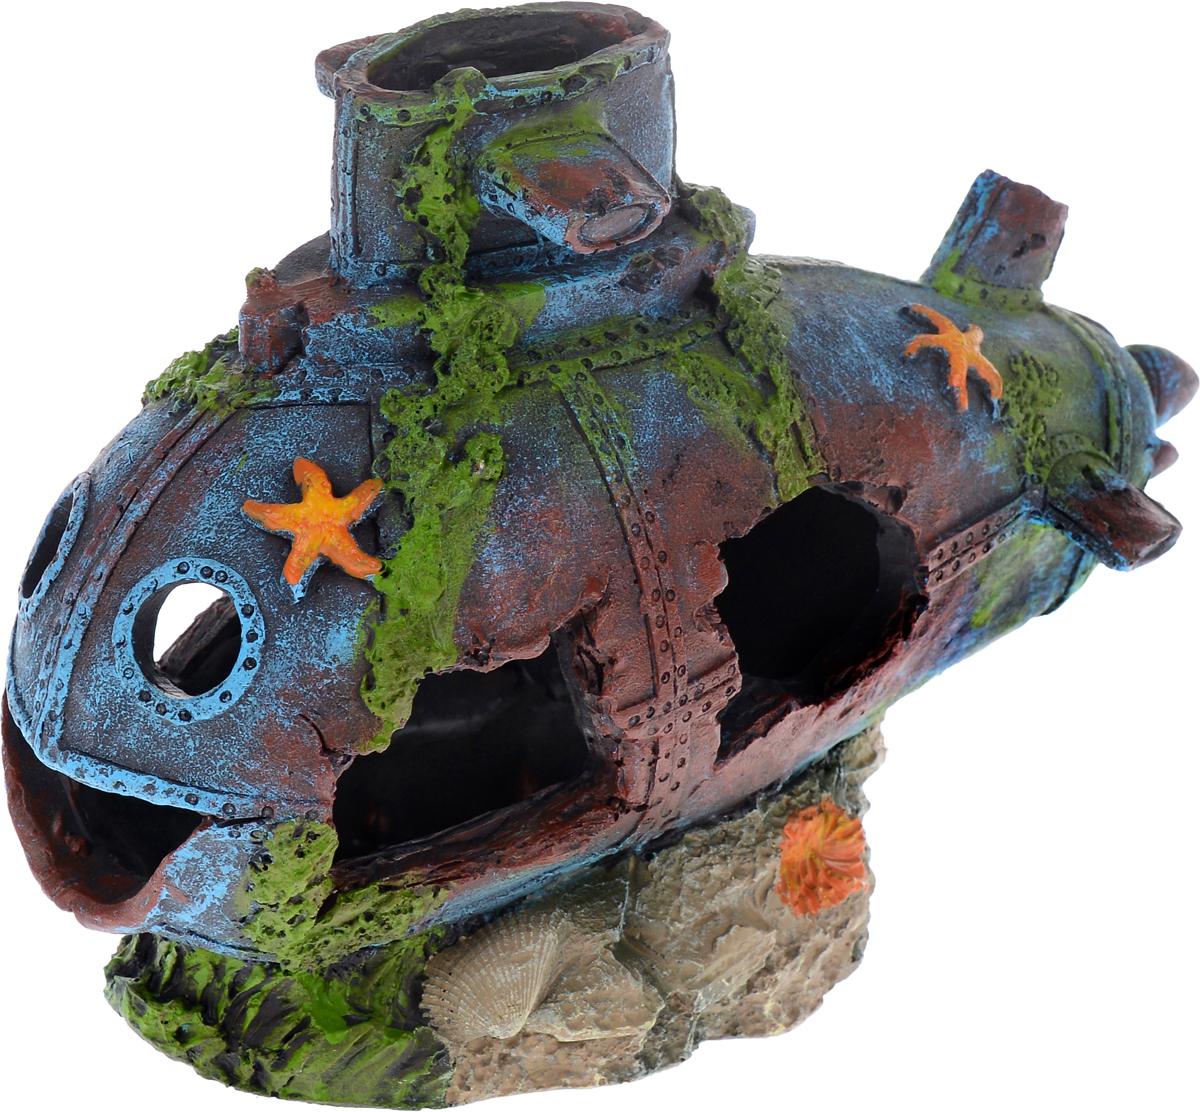 Декорация для аквариума Barbus Подводная лодка, 24,5 х 10,5 х 17 смDecor 137Декорация для аквариума Barbus Подводная лодка, выполненная из высококачественного нетоксичного полирезина, станет прекрасным украшением вашего аквариума. Изделие отличается реалистичным исполнением с множеством мелких деталей и отверстий. Ведь многие обитатели аквариума используют декорации как укрытия, в которых они живут и размножаются. Декорация абсолютно безопасна, нейтральна к водному балансу, устойчива к истиранию краски, подходит как для пресноводного, так и для морского аквариума. Благодаря декорациям Barbus вы сможете смоделировать потрясающий пейзаж на дне вашего аквариума или террариума.